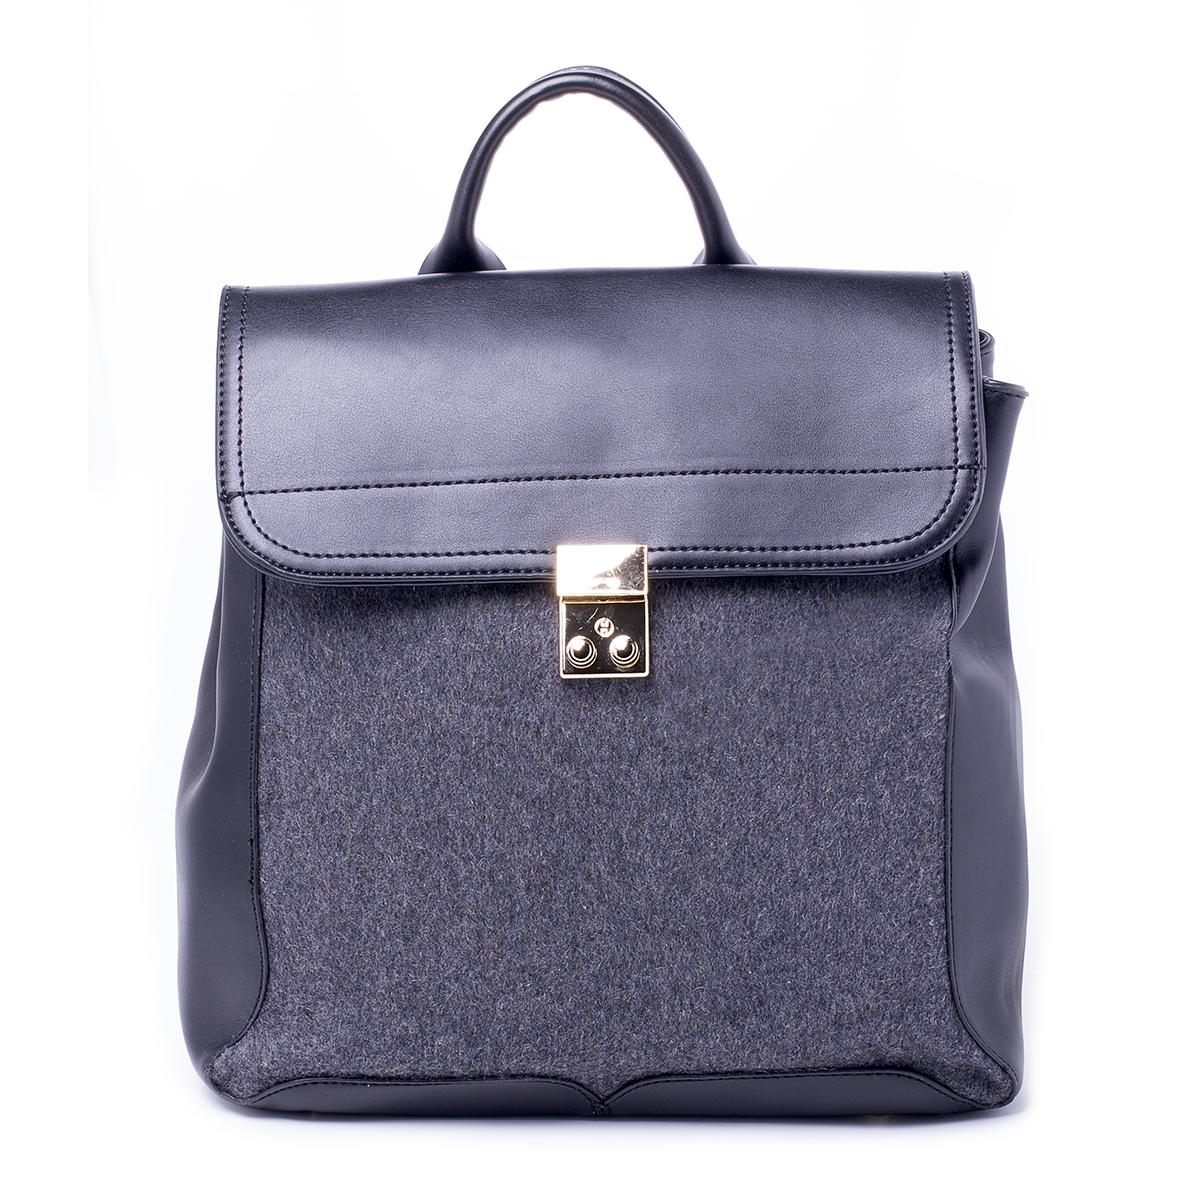 Рюкзак женский Renee Kler, цвет: черный, серый. RK401-01/20RK401-01/20Загрязнения на изделиях удаляется влажной мягкой тканью